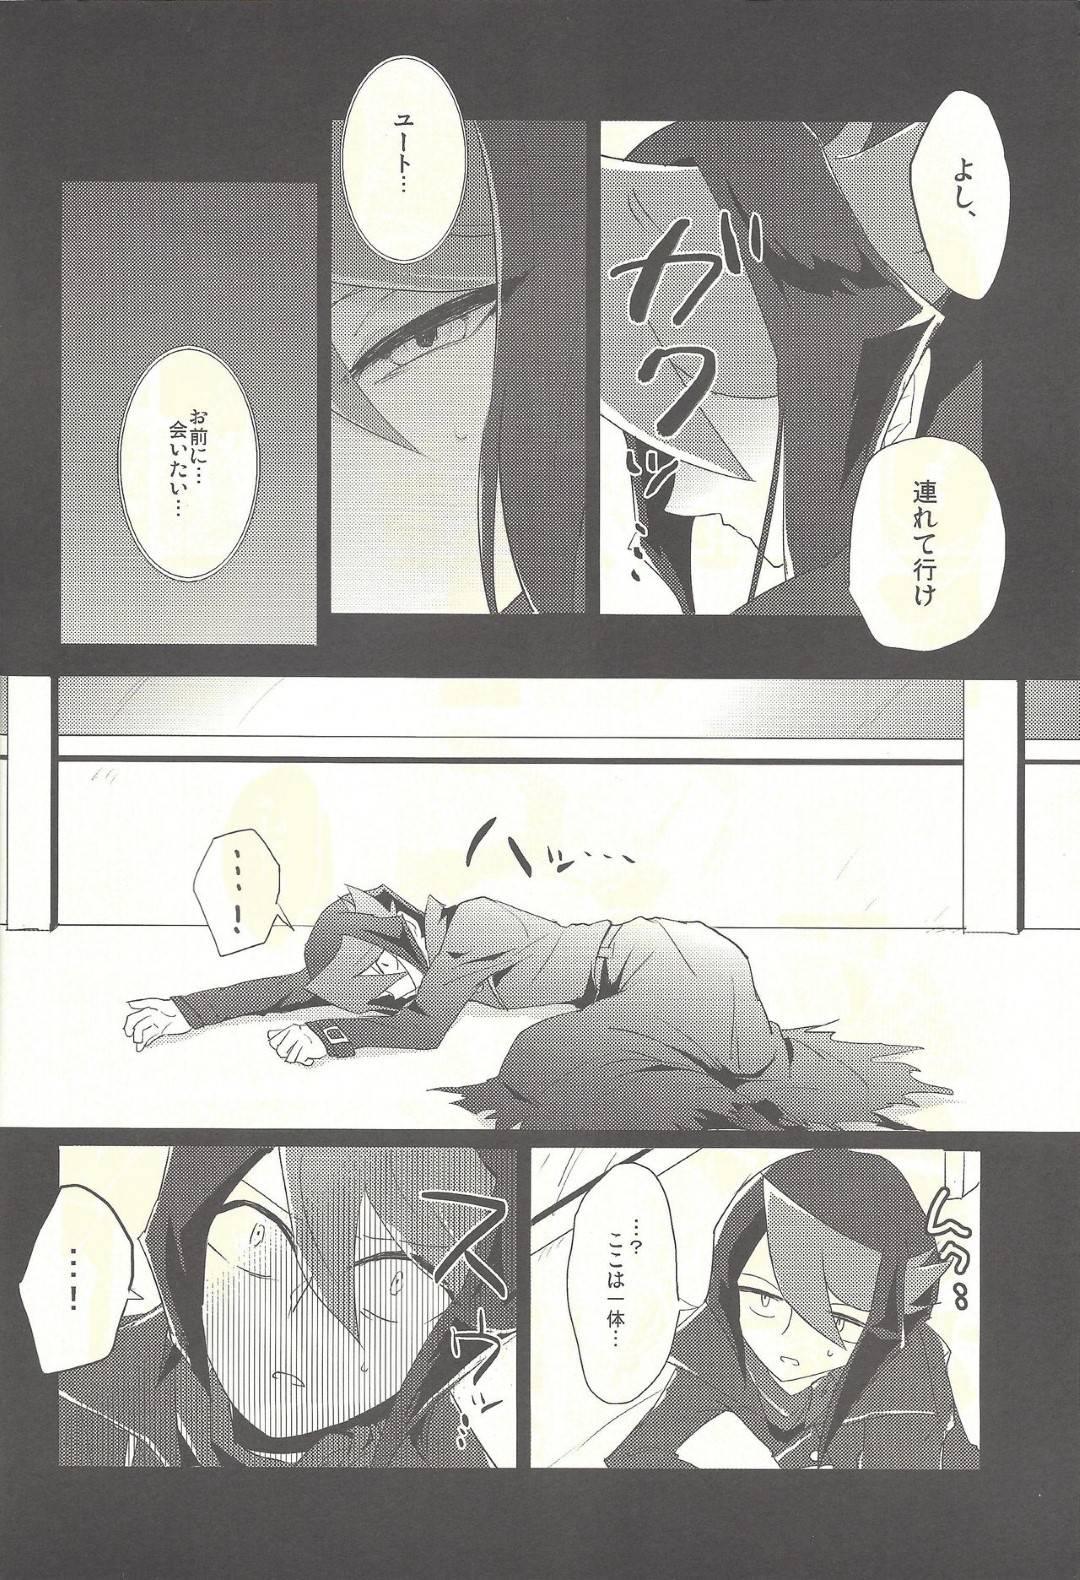 遊矢をユートと思い込み求める隼…モブ達に拉致られた隼は、目が覚めるとユートにアナルセックスで犯されところてん!だが、隼の前に現れたのは、遊矢!そして・・・